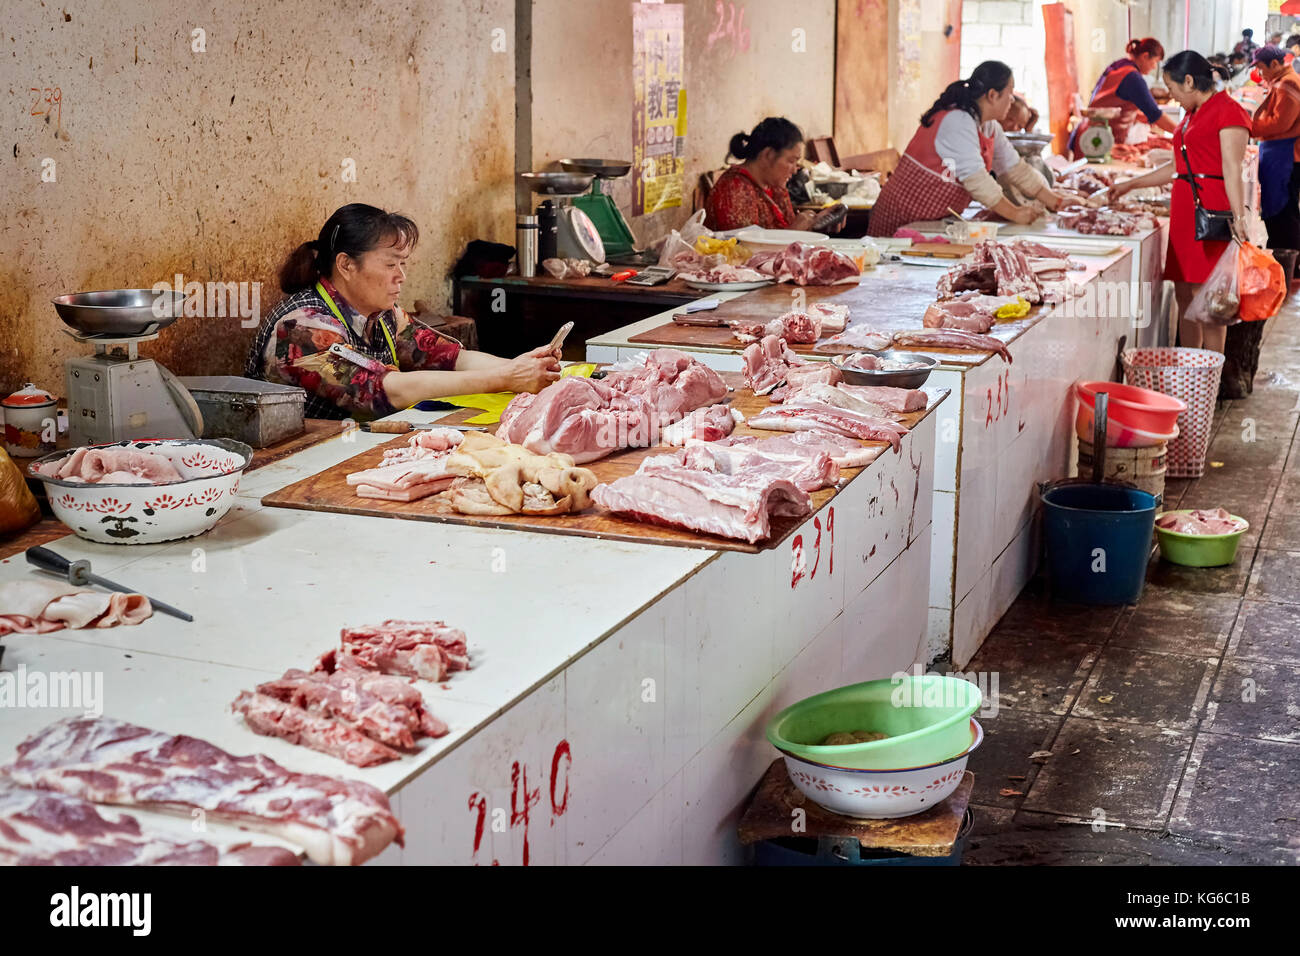 Lijiang, Yunnan, China - September 27, 2017: Women sell fresh meat at the local market. Stock Photo